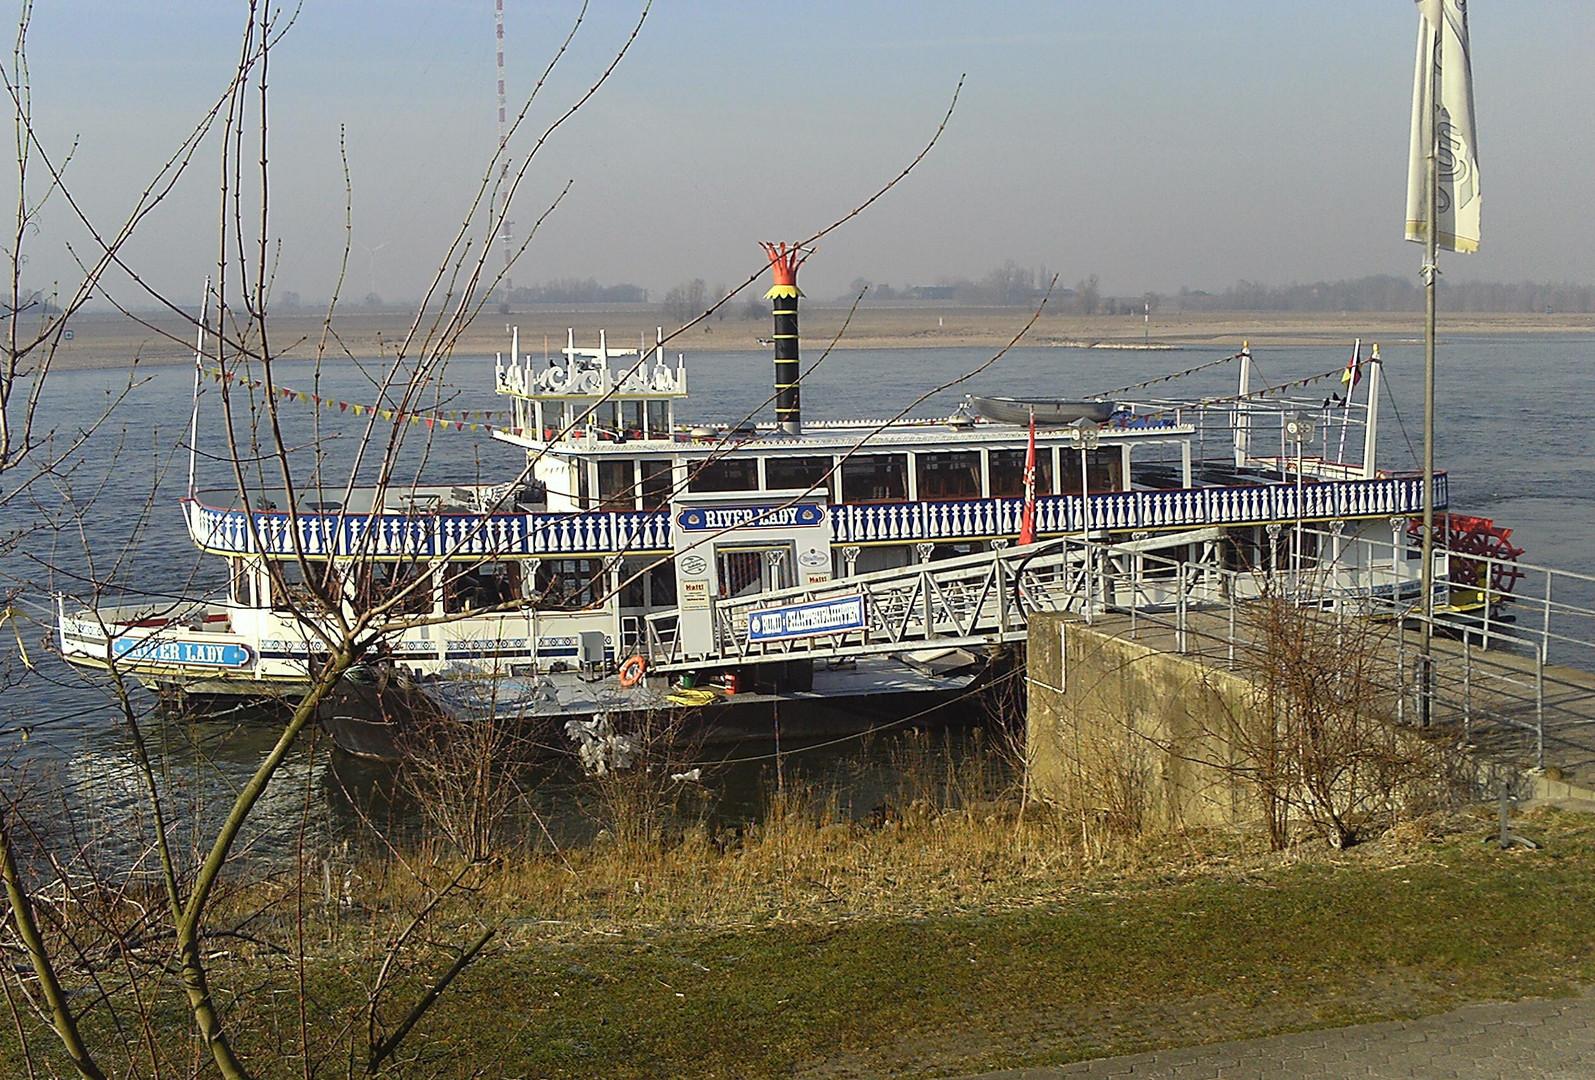 Liegeplatz der River Lady in Wesel am Rhein